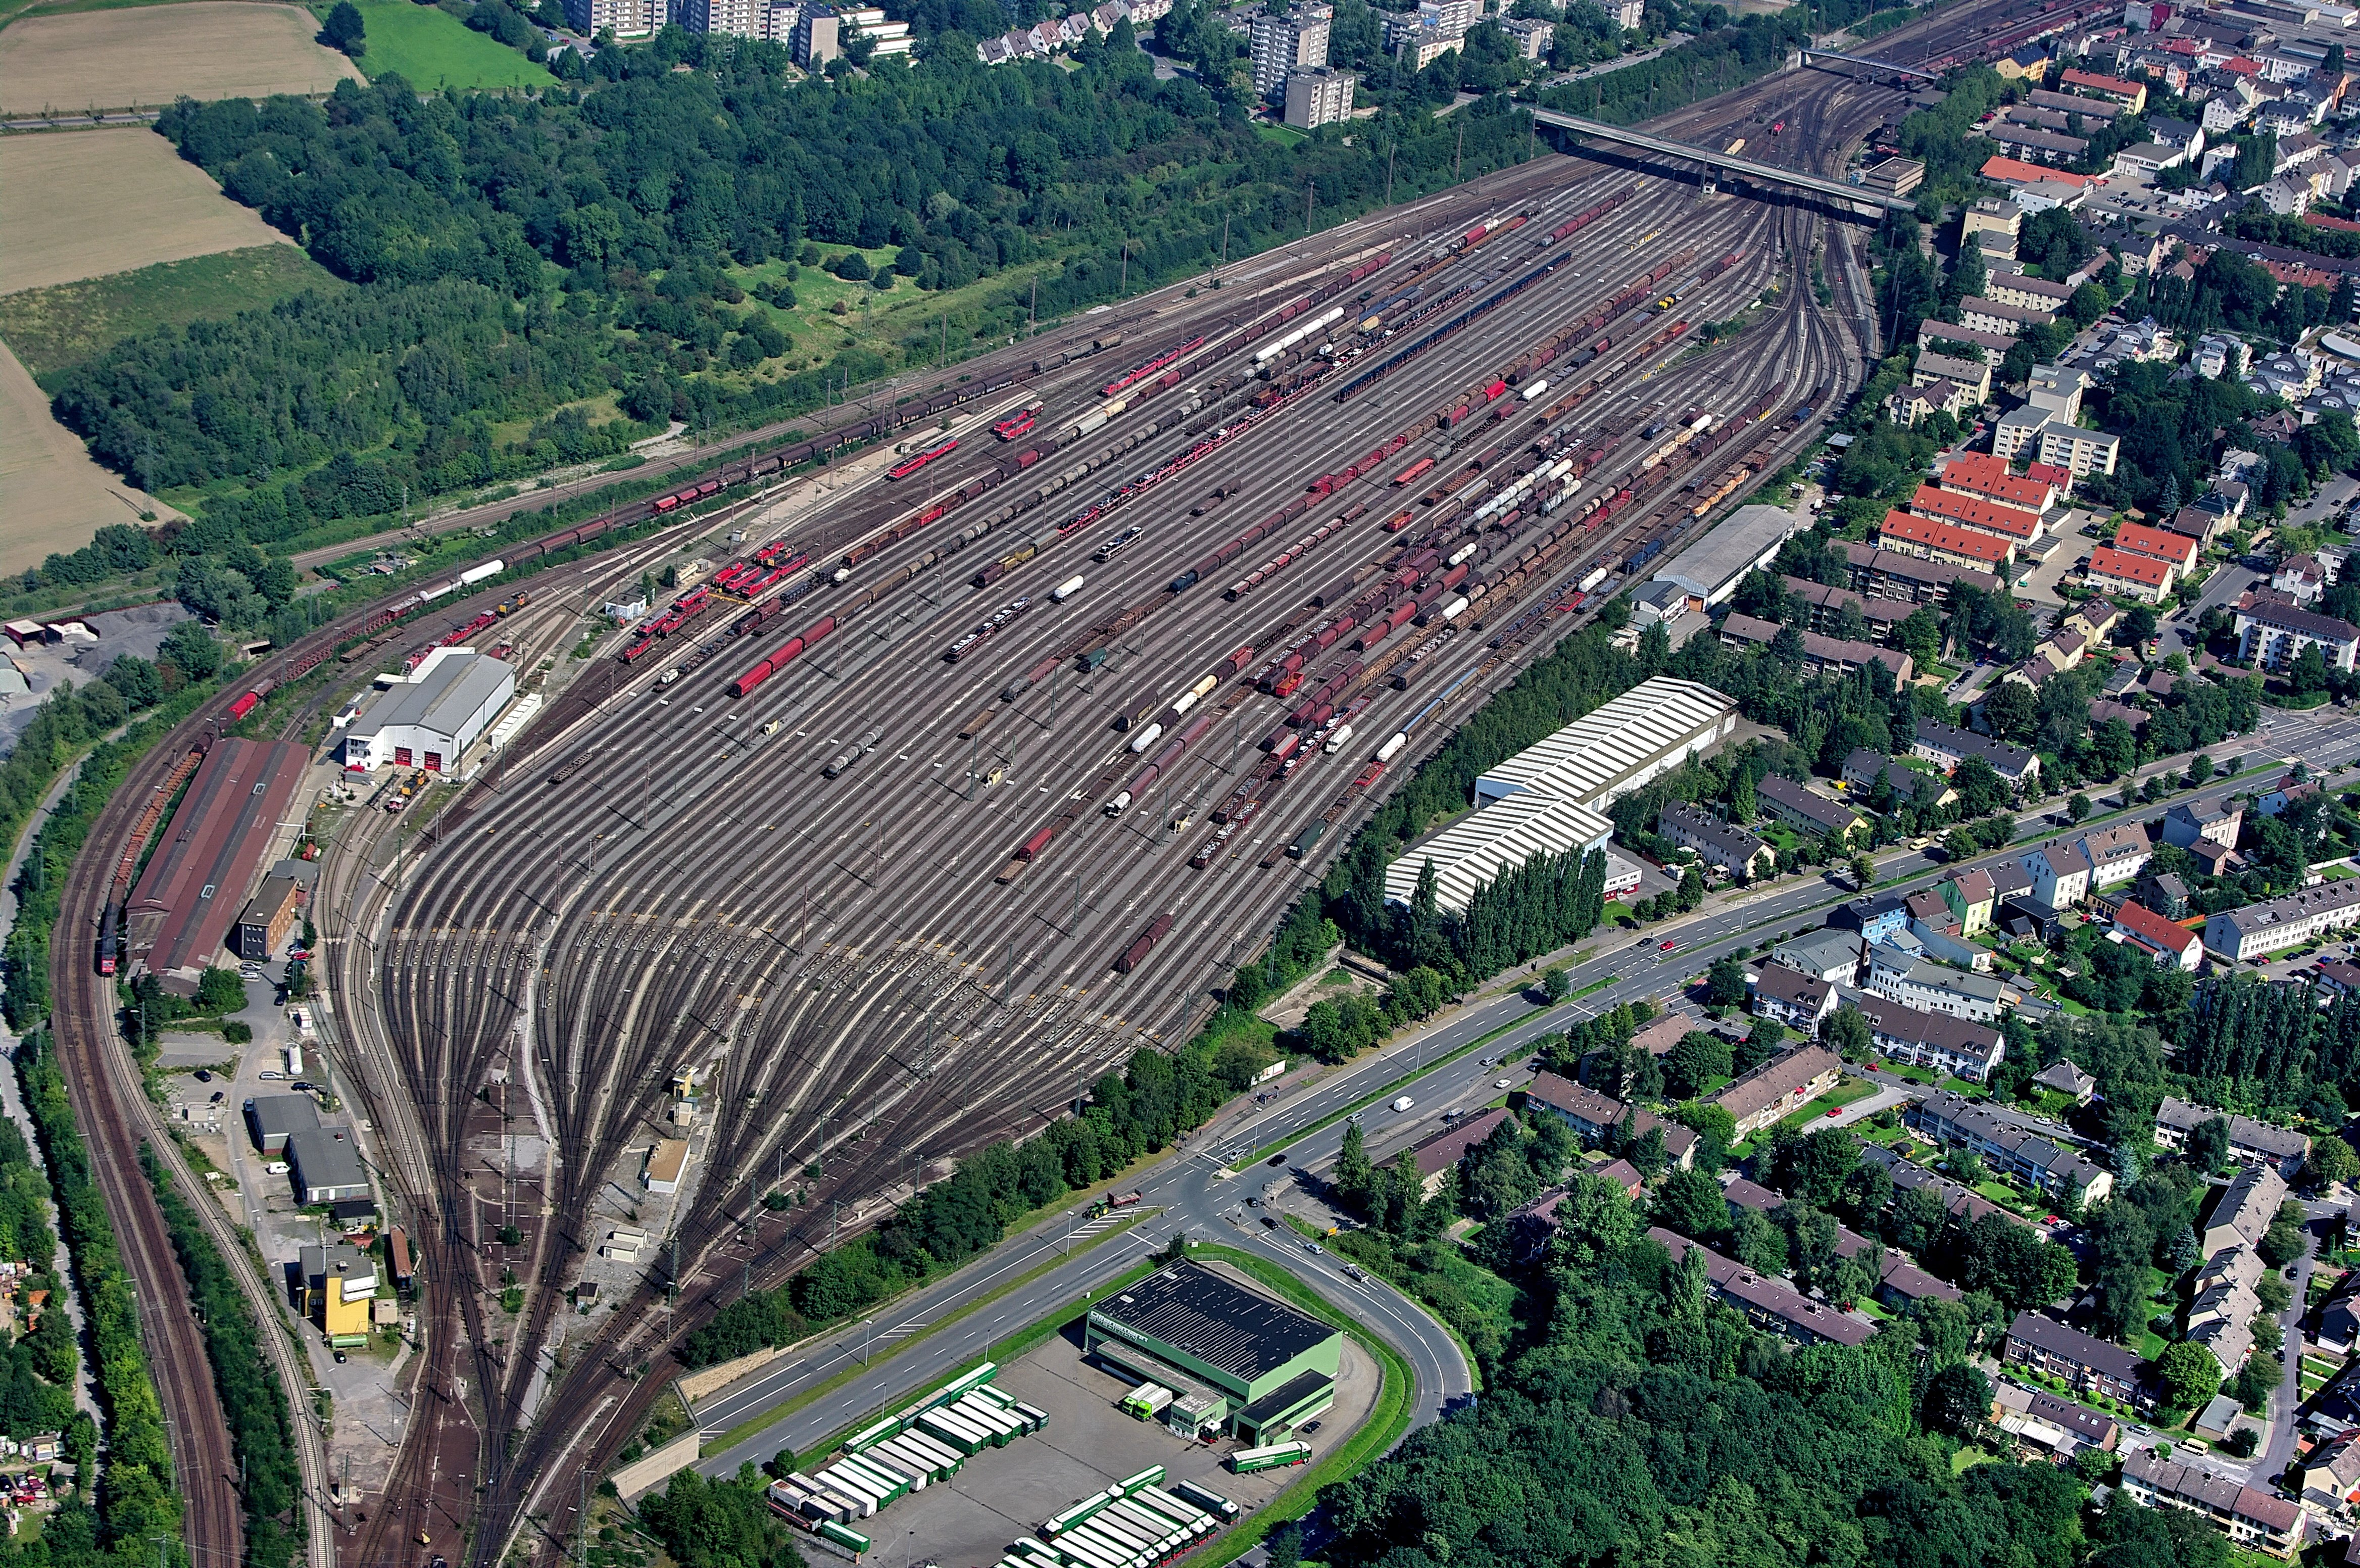 Fondos De Vehiculos: Tren Fondos De Pantalla, Fondos De Escritorio